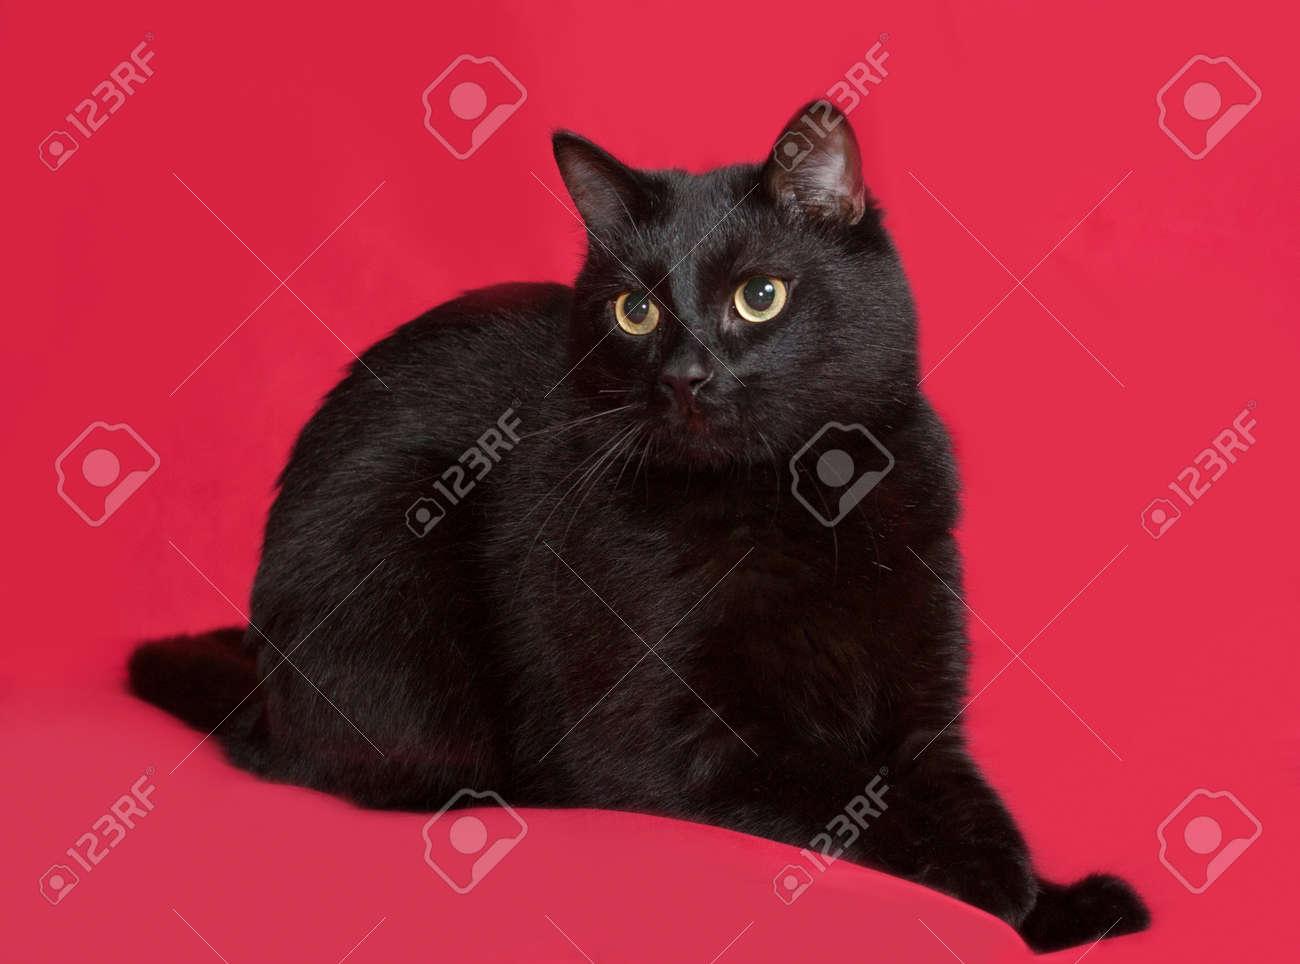 Immagini Stock Gatto Nero Seduto Su Sfondo Rosso Image 43371067